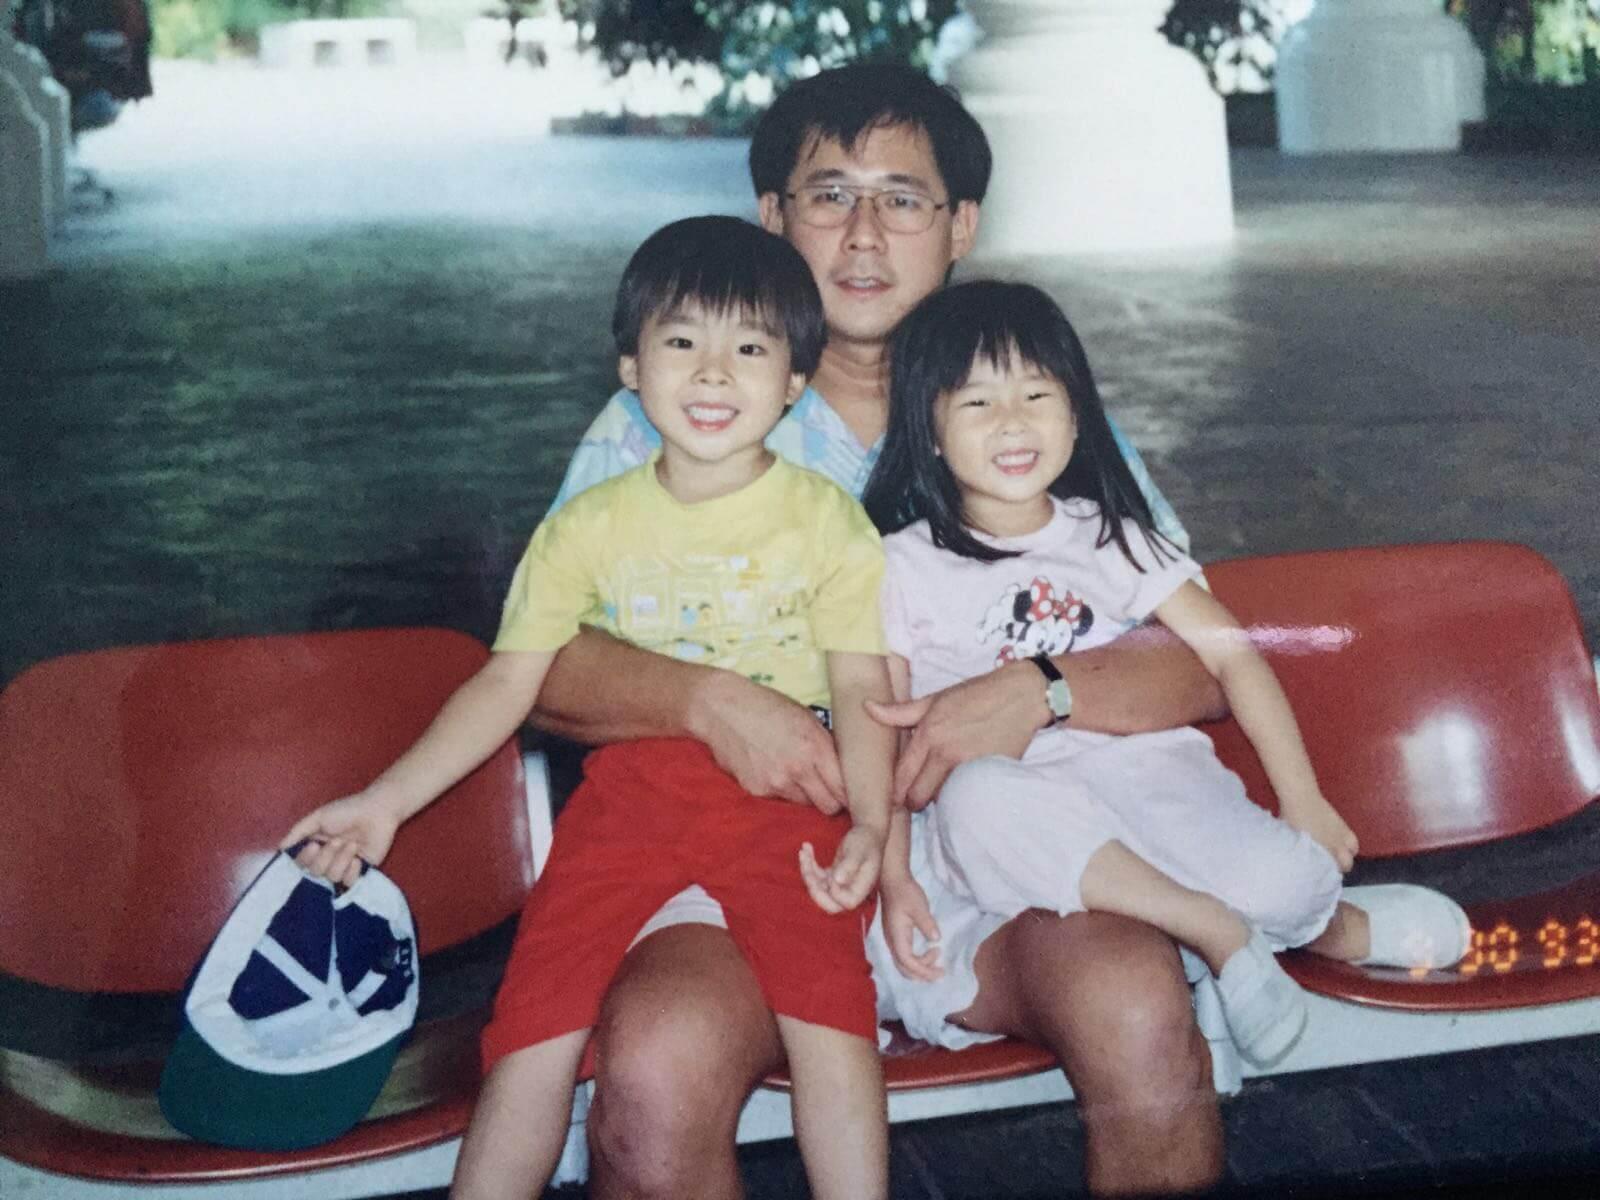 Kelvin Seah with his kids